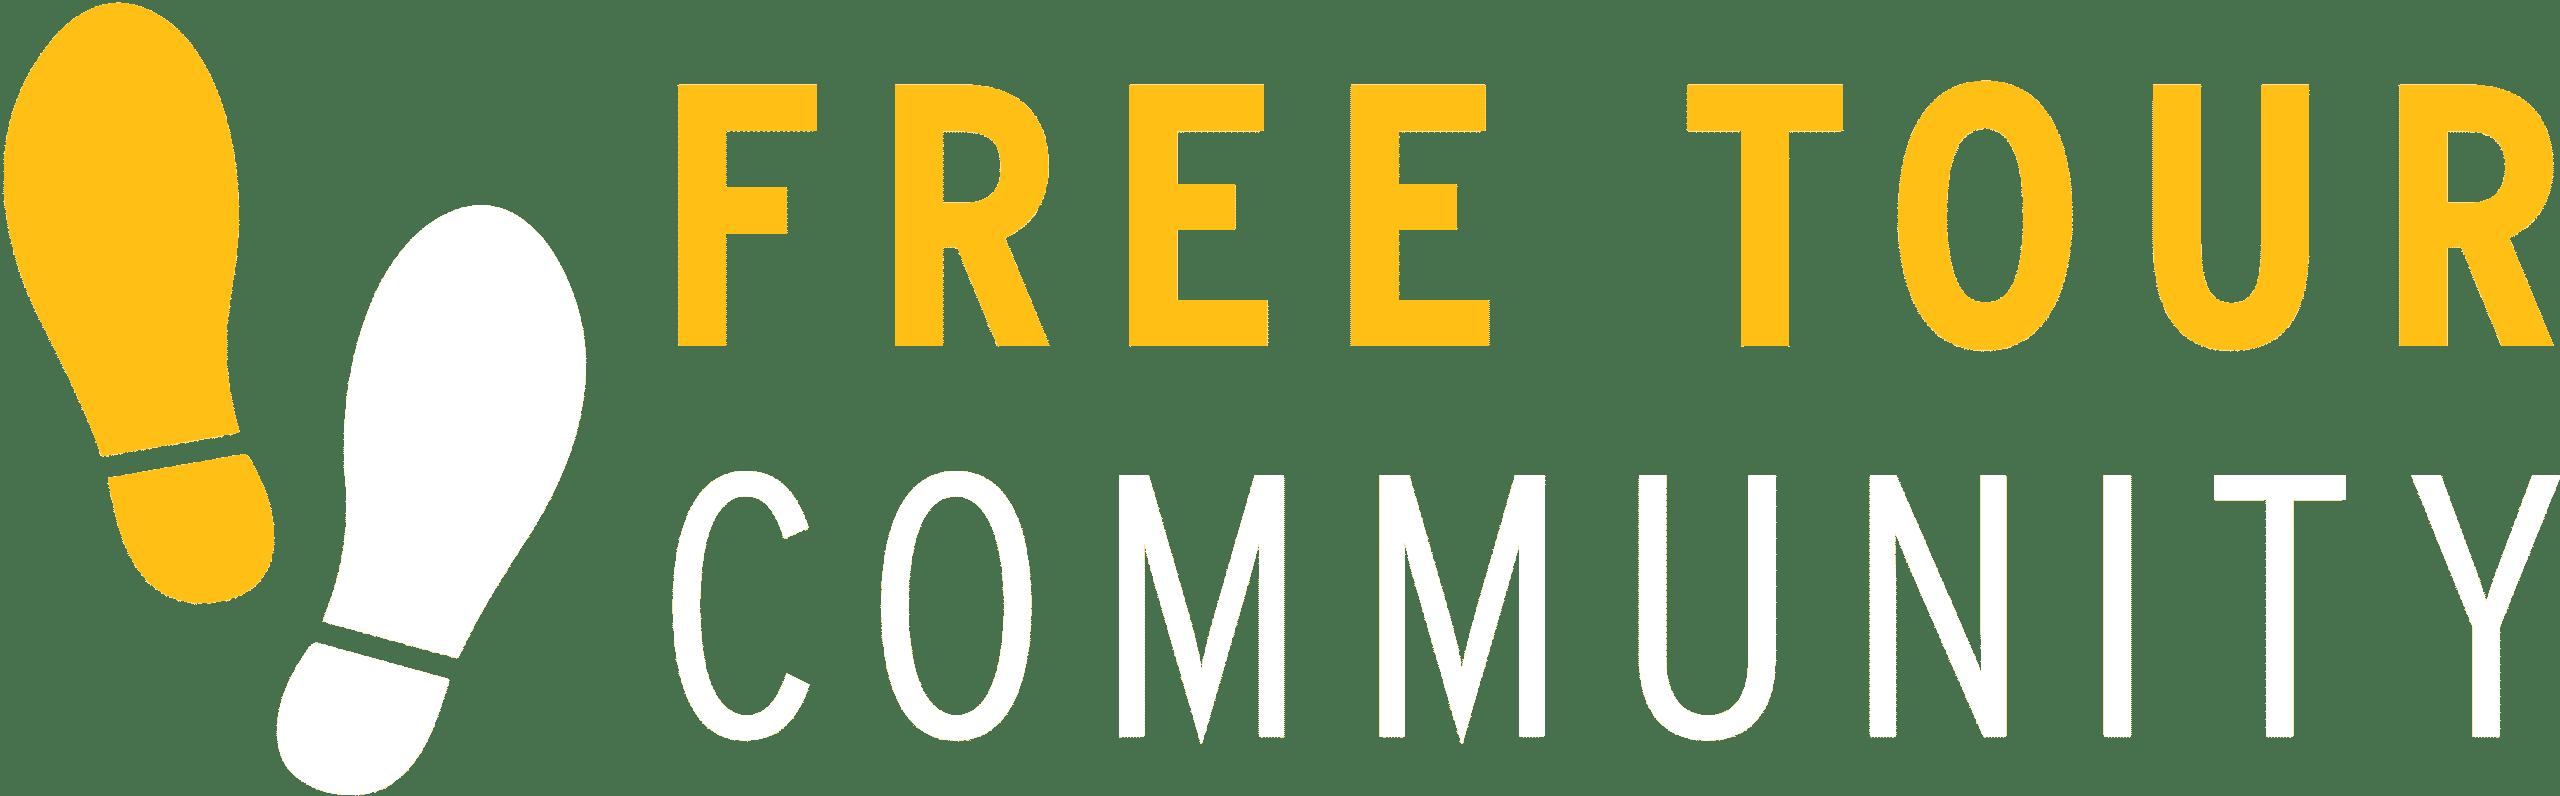 www.spletni-podjetnik.si/freetour